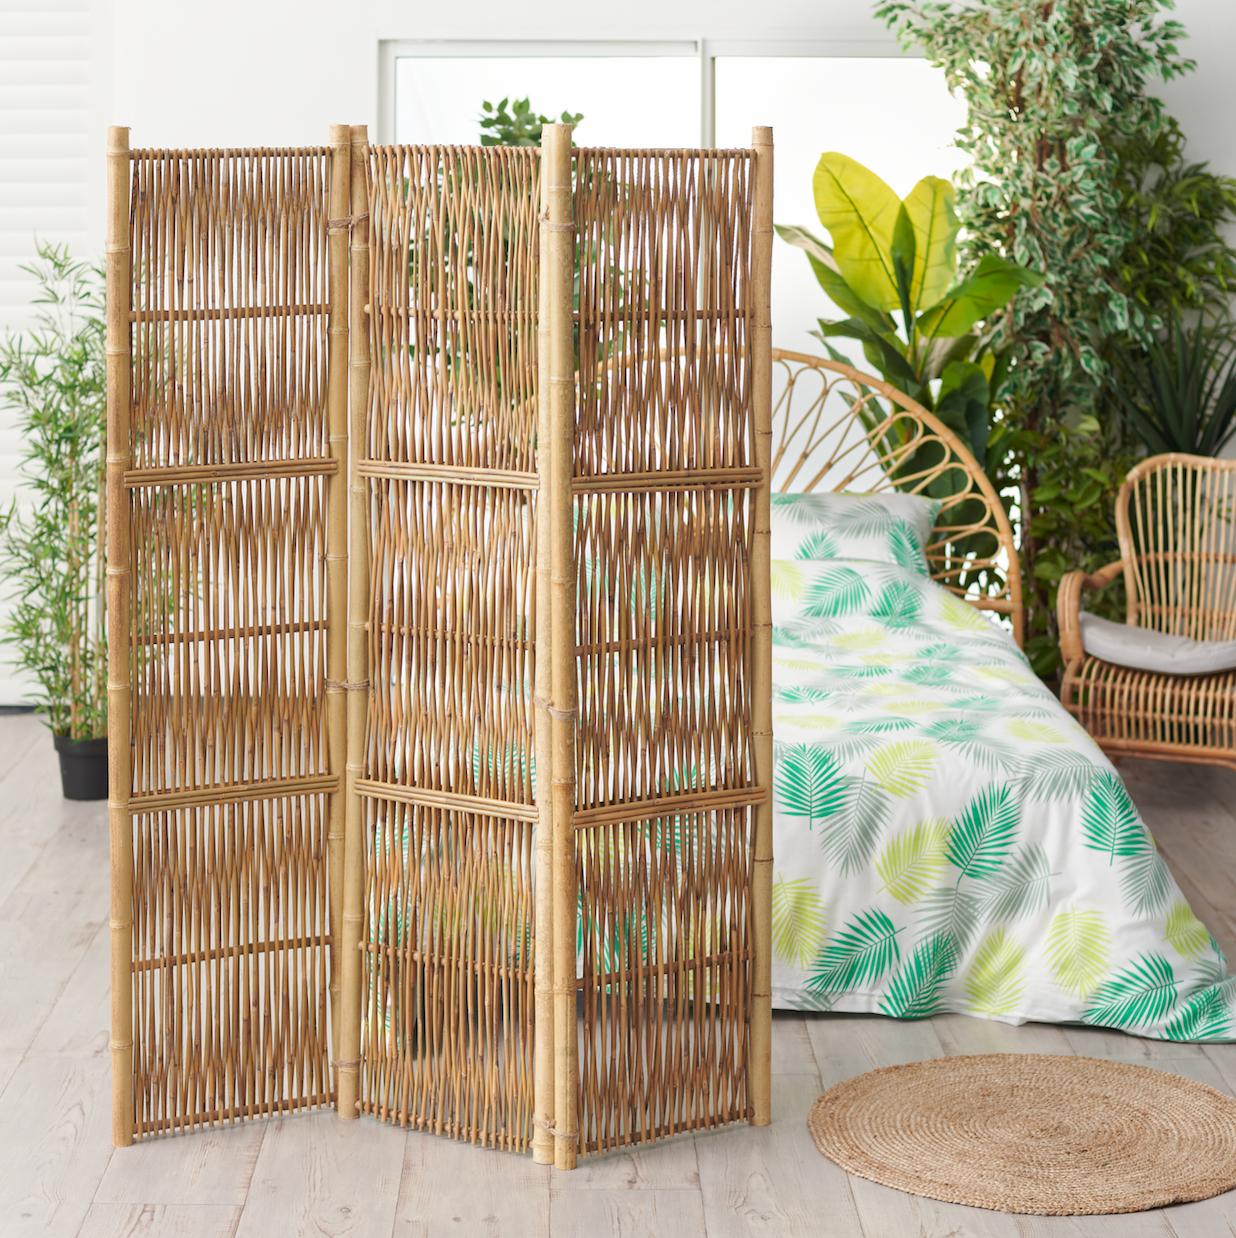 Decoration Mobilier Jardin Et Idees Cadeaux En 2020 Deco Ethnique Linge De Maison Mobilier